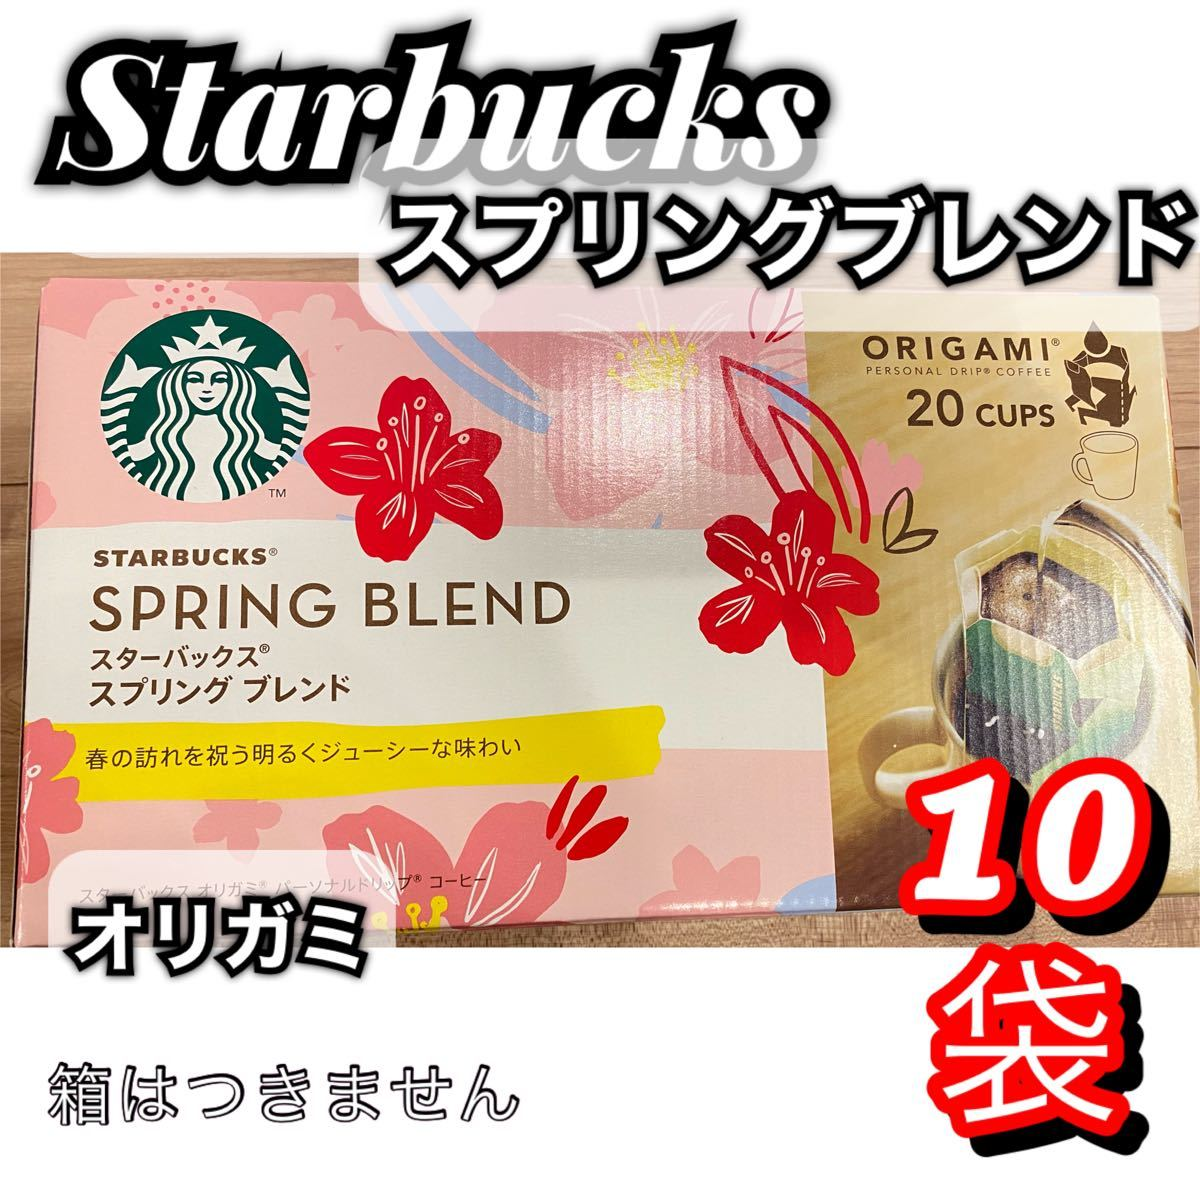 スターバックス Starbucks スプリングブレンド オリガミ